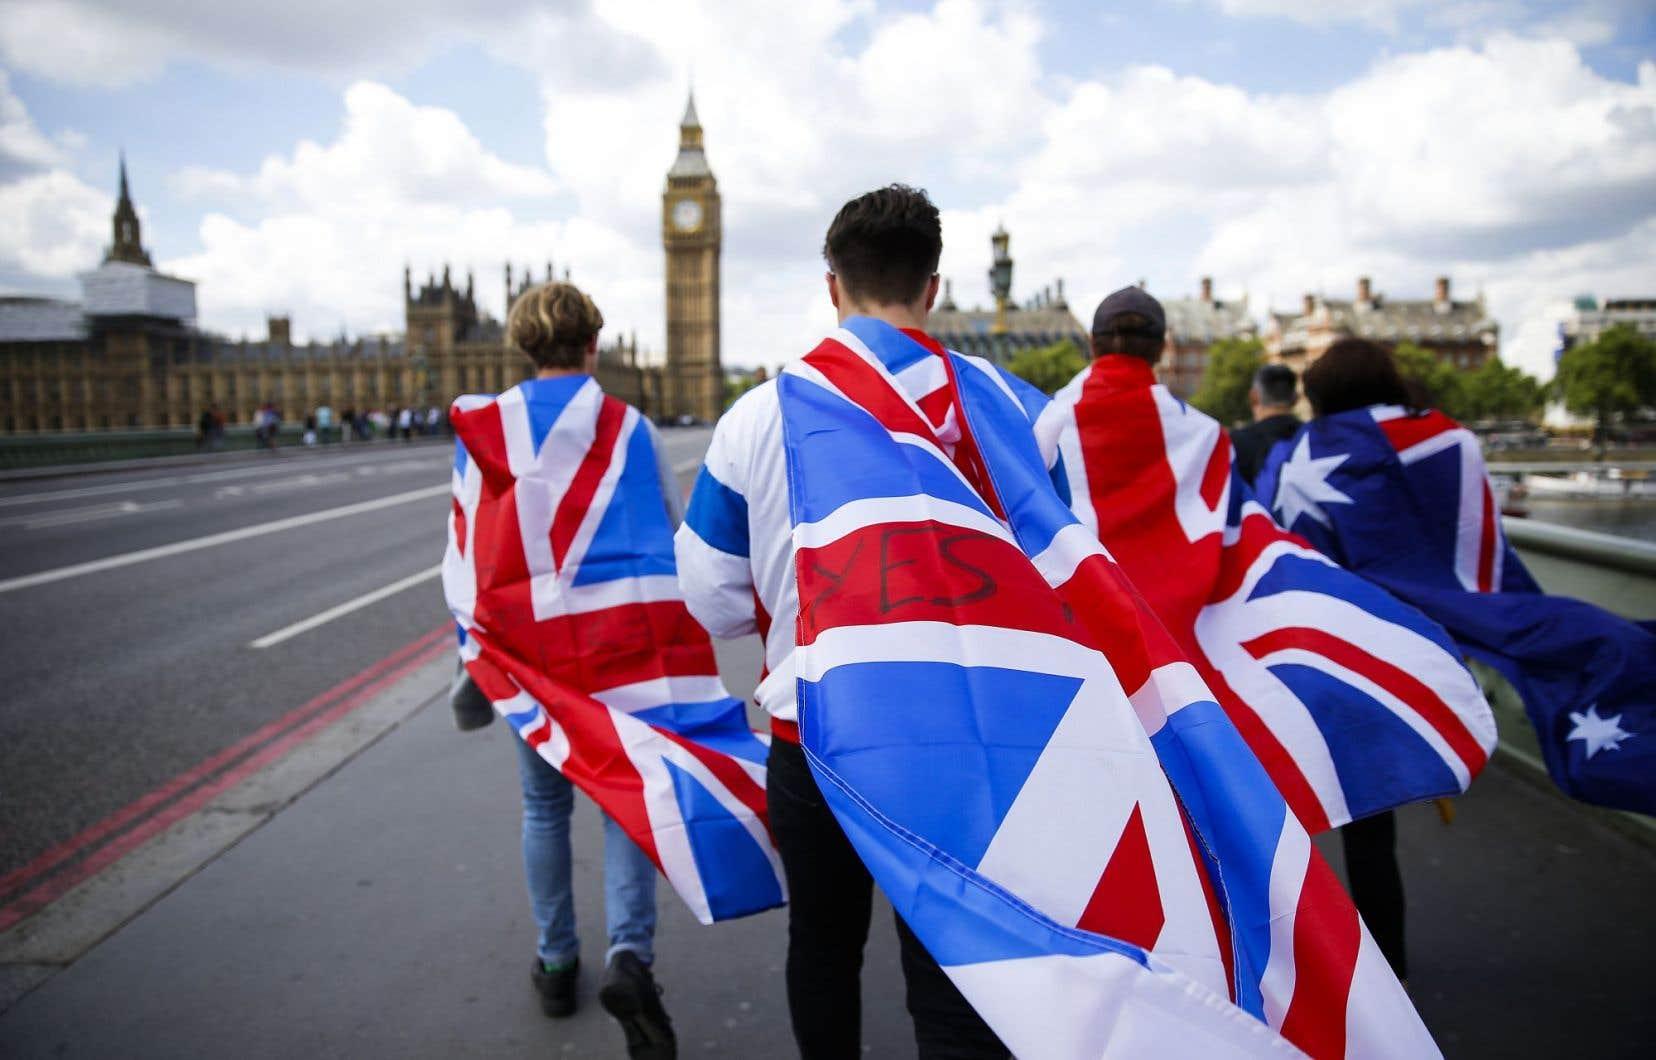 De jeunes Britanniques marchent en direction du parlement et de la tour Elizabeth du palais de Westminster, à Londres.